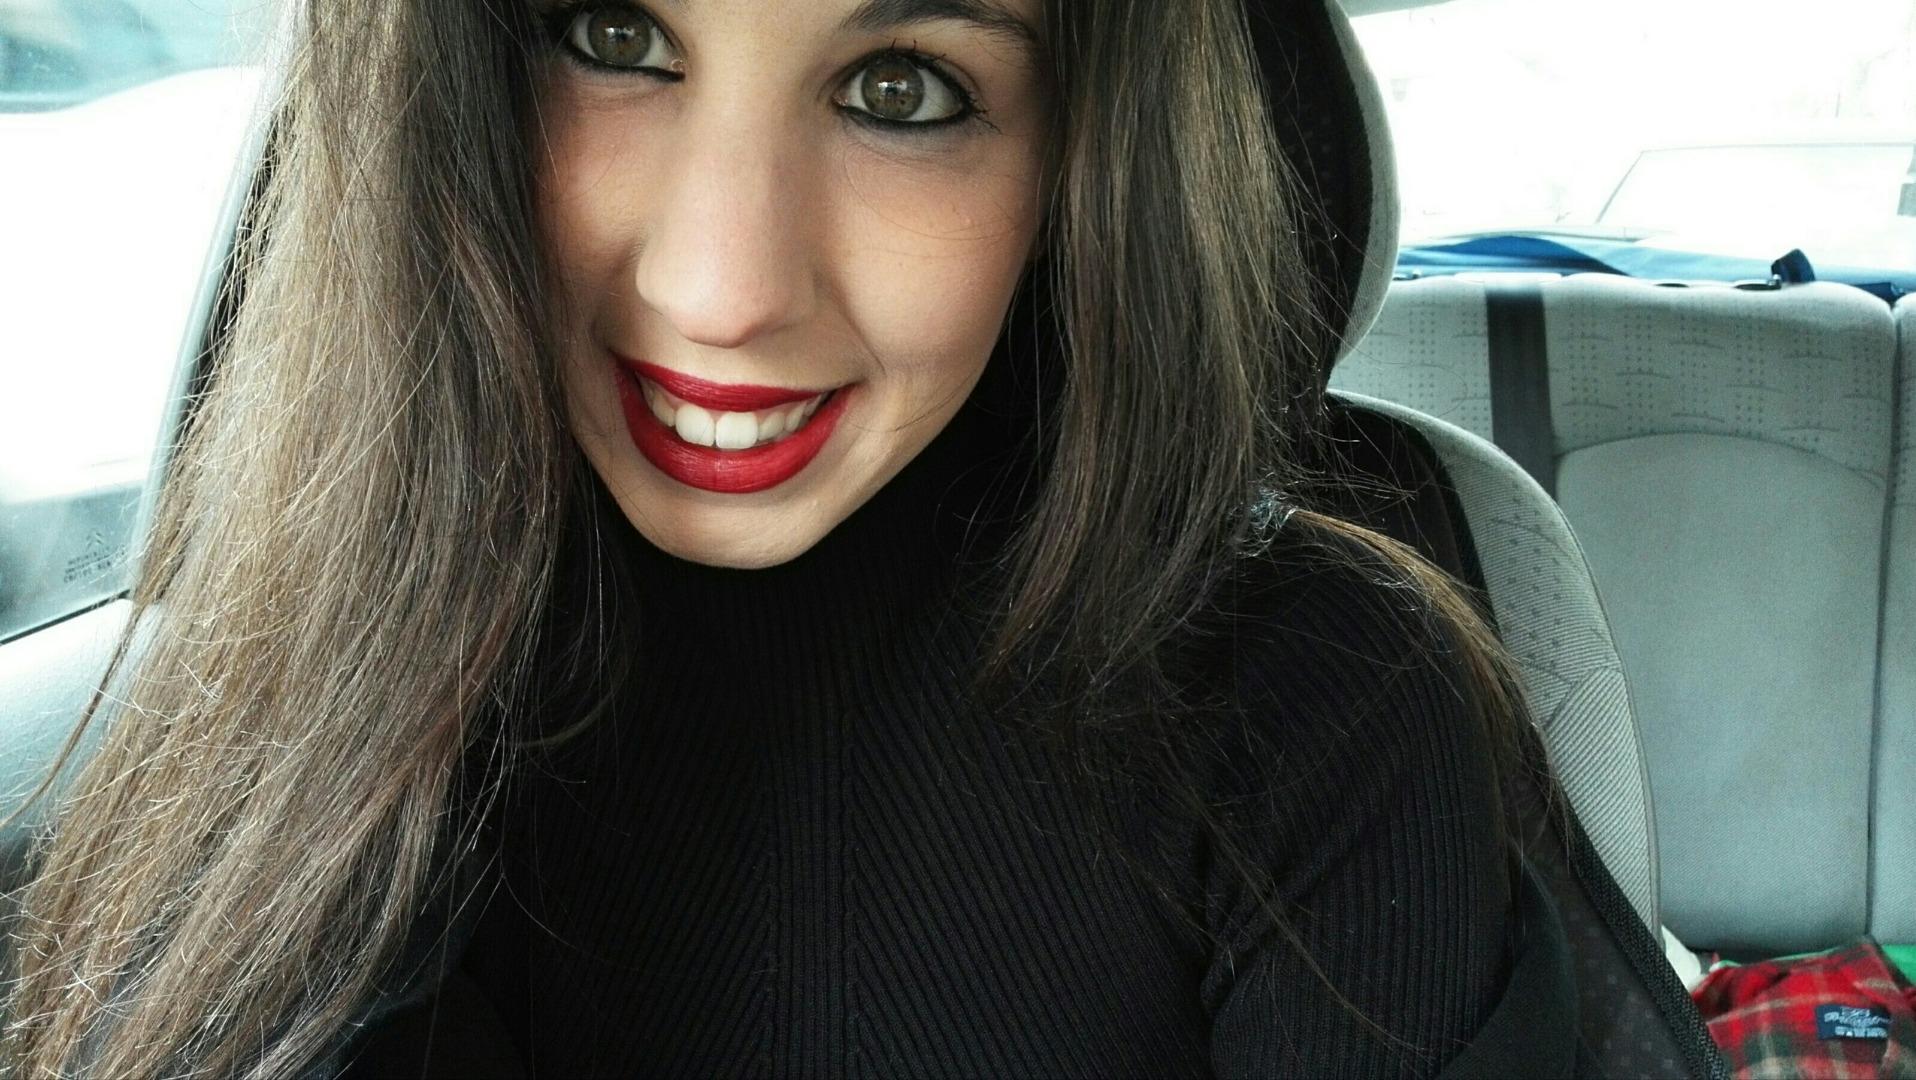 Sara21